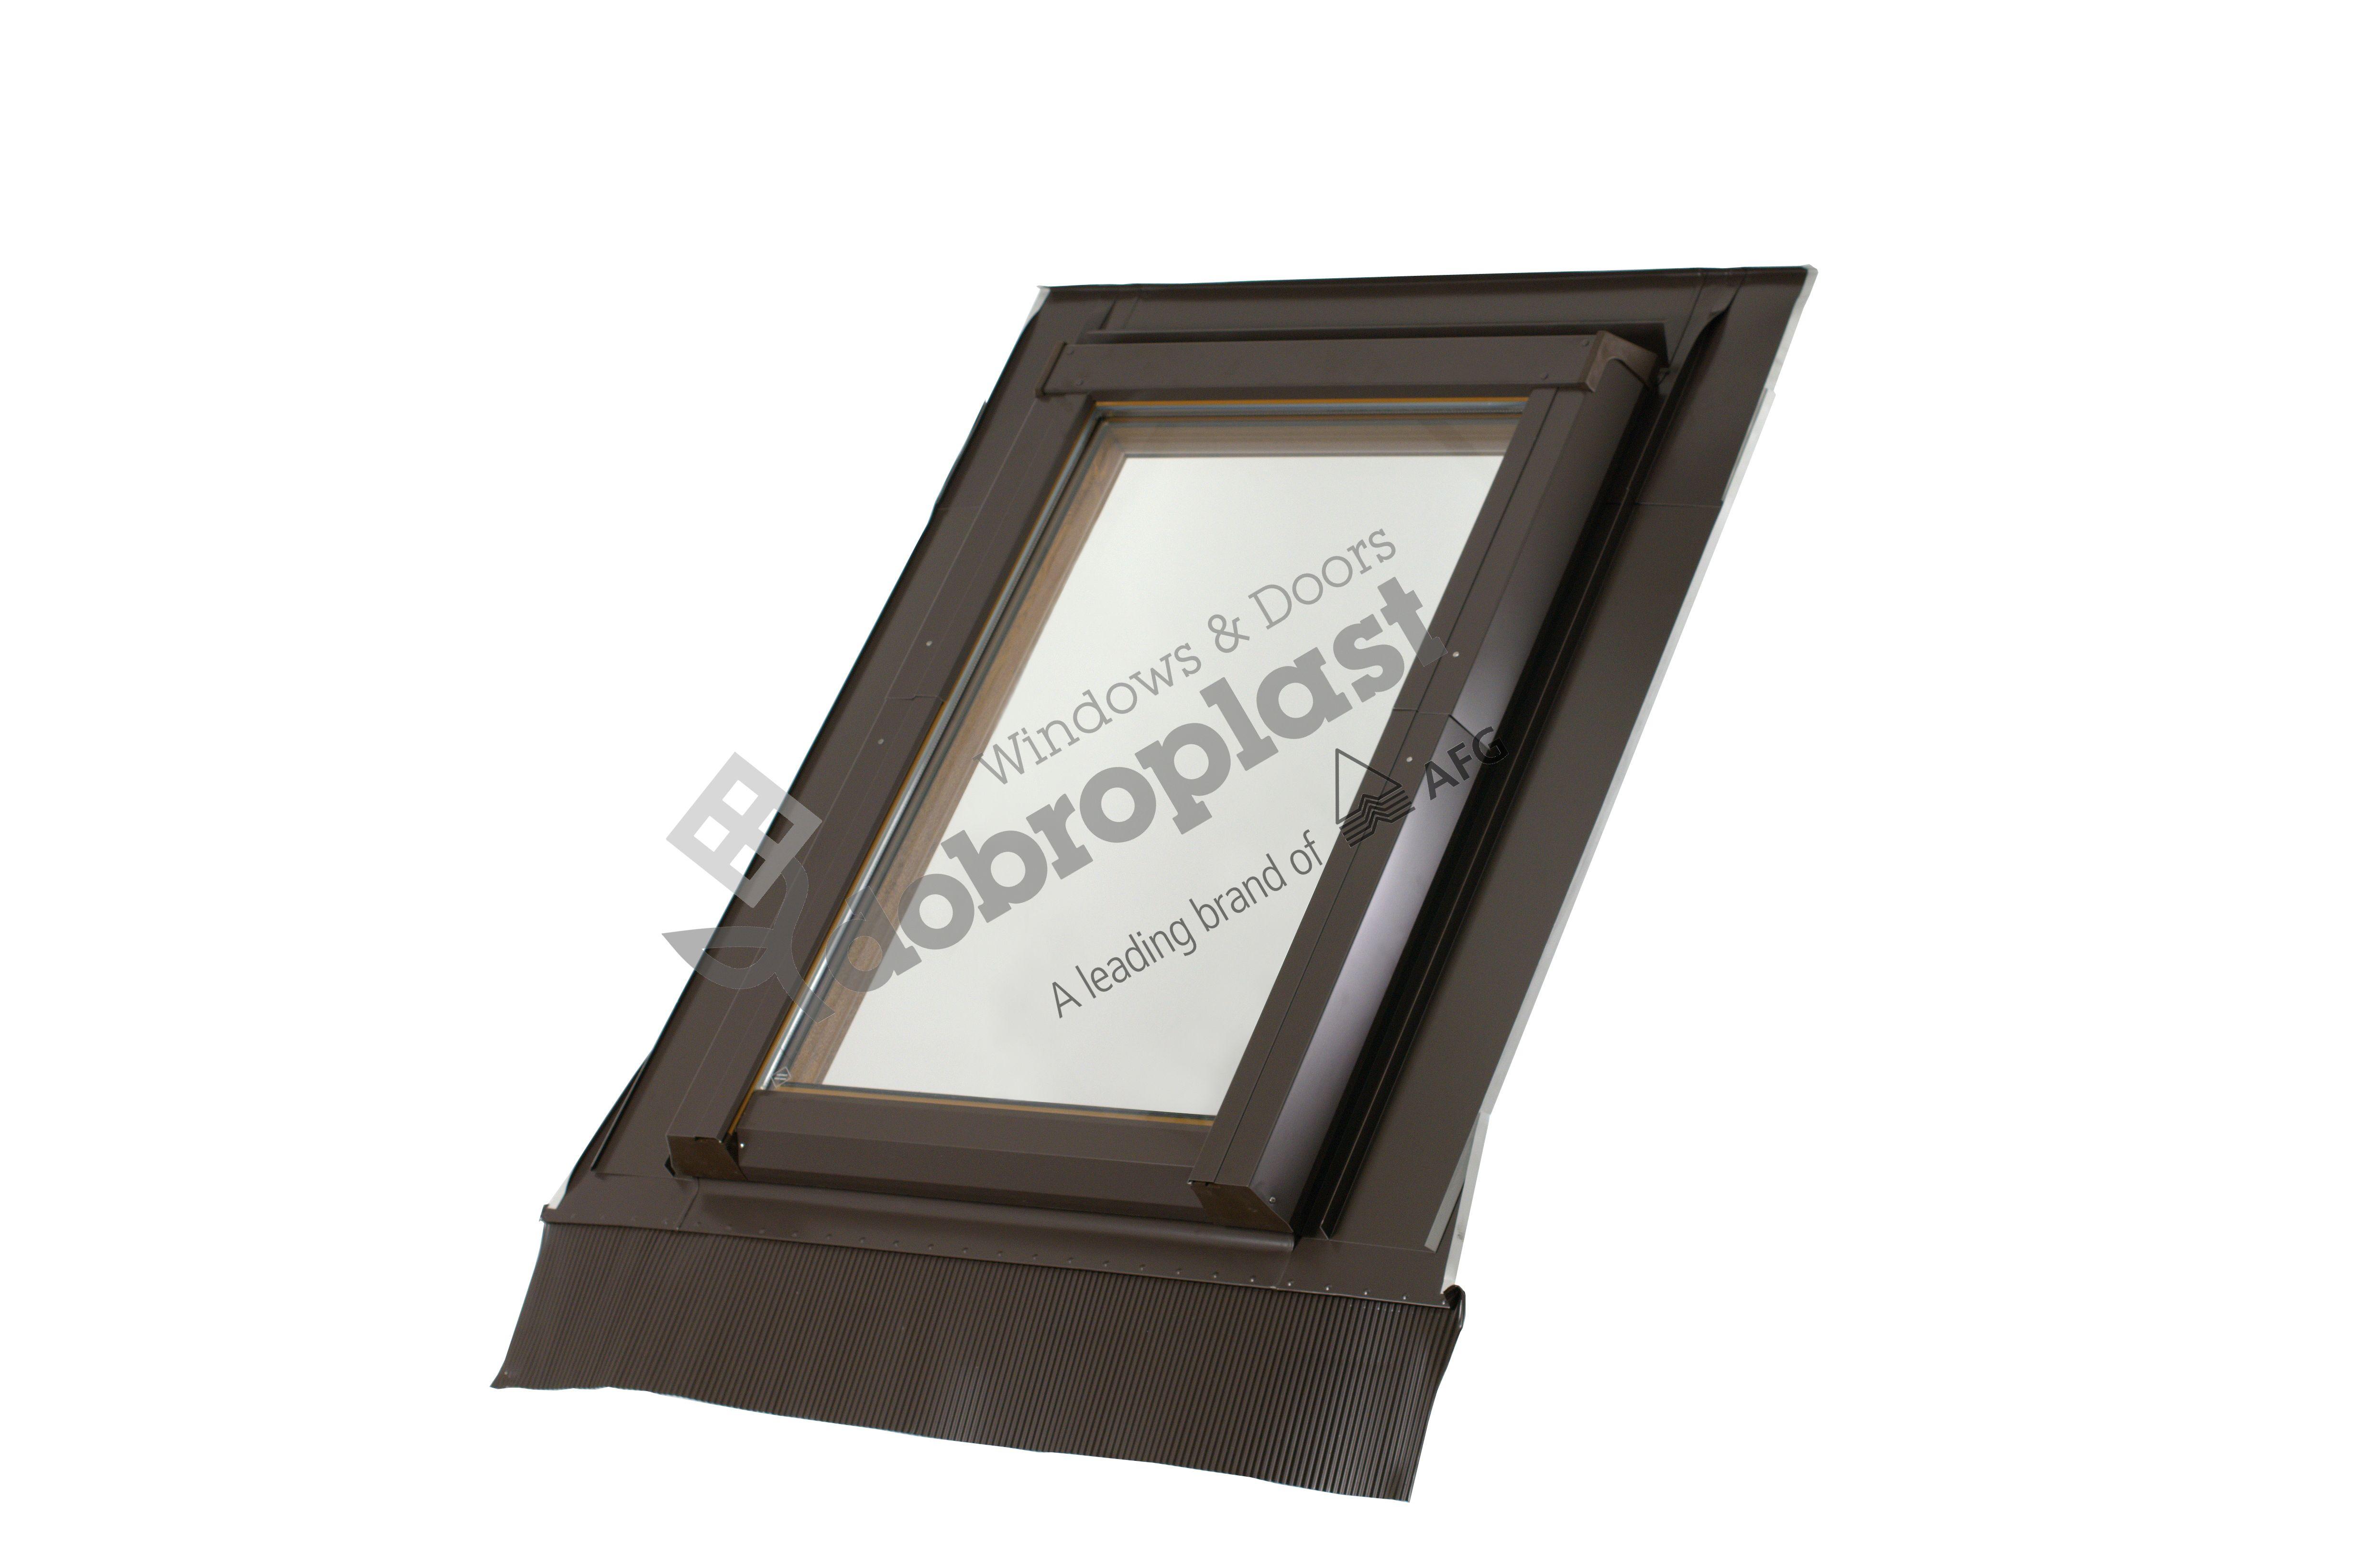 afg kunststoff dachfenster skylight mit eindeckrahmen afg kunststoff pvc skylight. Black Bedroom Furniture Sets. Home Design Ideas